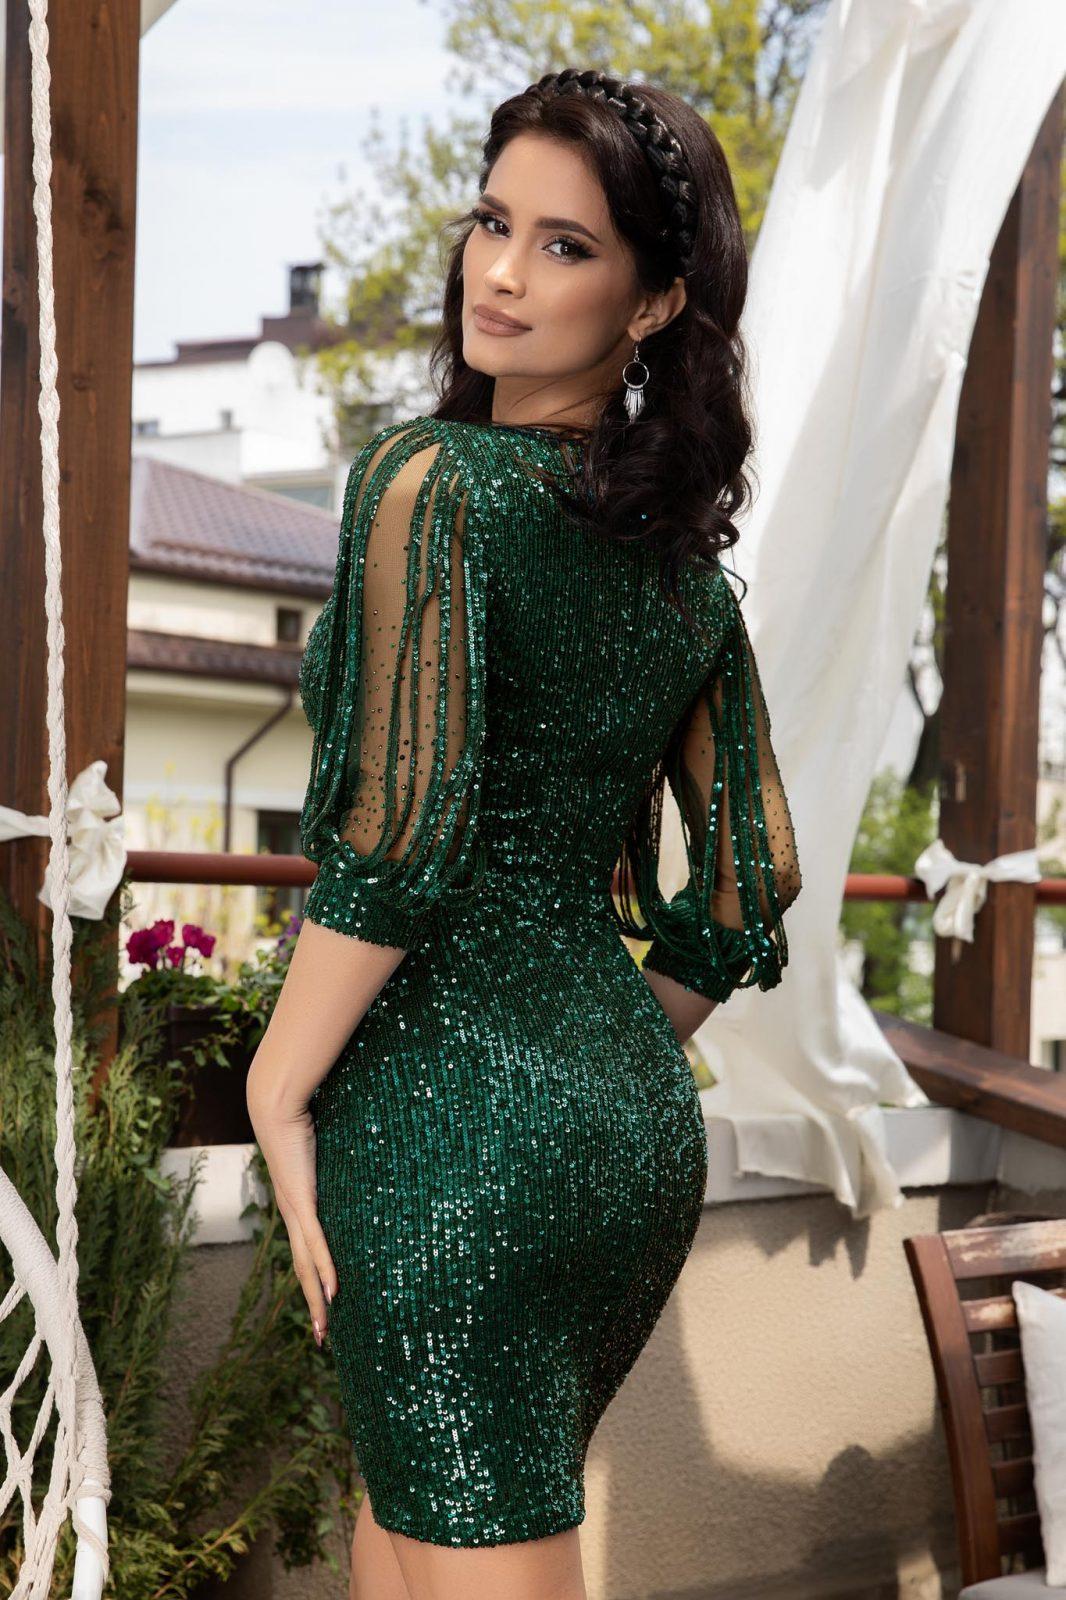 Πράσινο Βραδινό Φόρεμα Με Πούλιες Katriss 5898 1